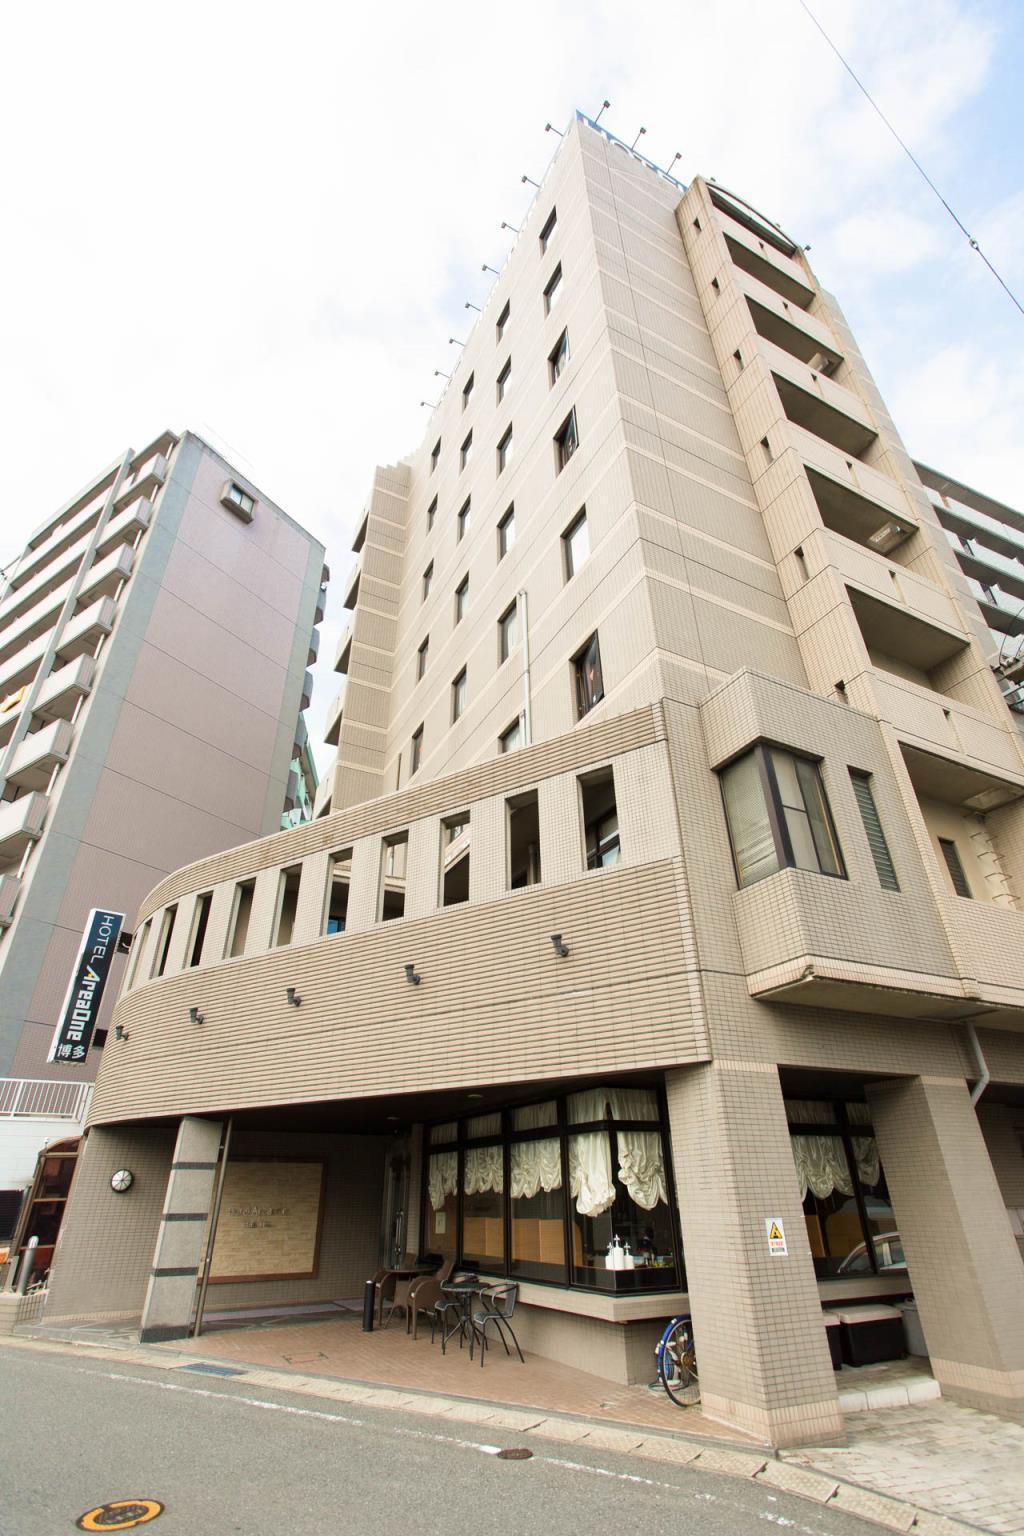 โรงแรม แอเรียวัน ฮากาตะ